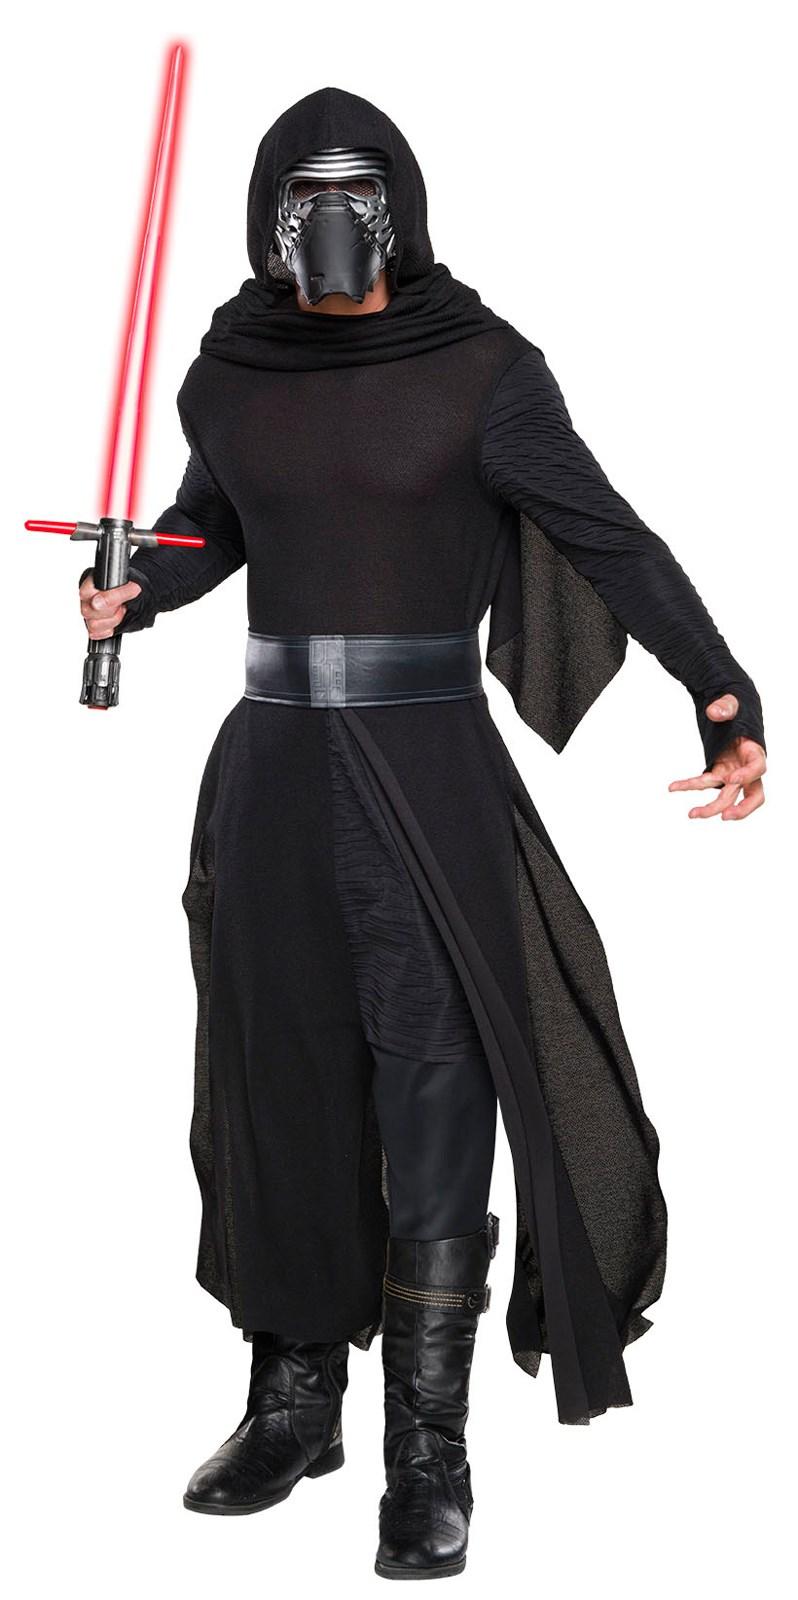 Star Wars: The Force Awakens - Mens Kylo Ren Deluxe Costume ...